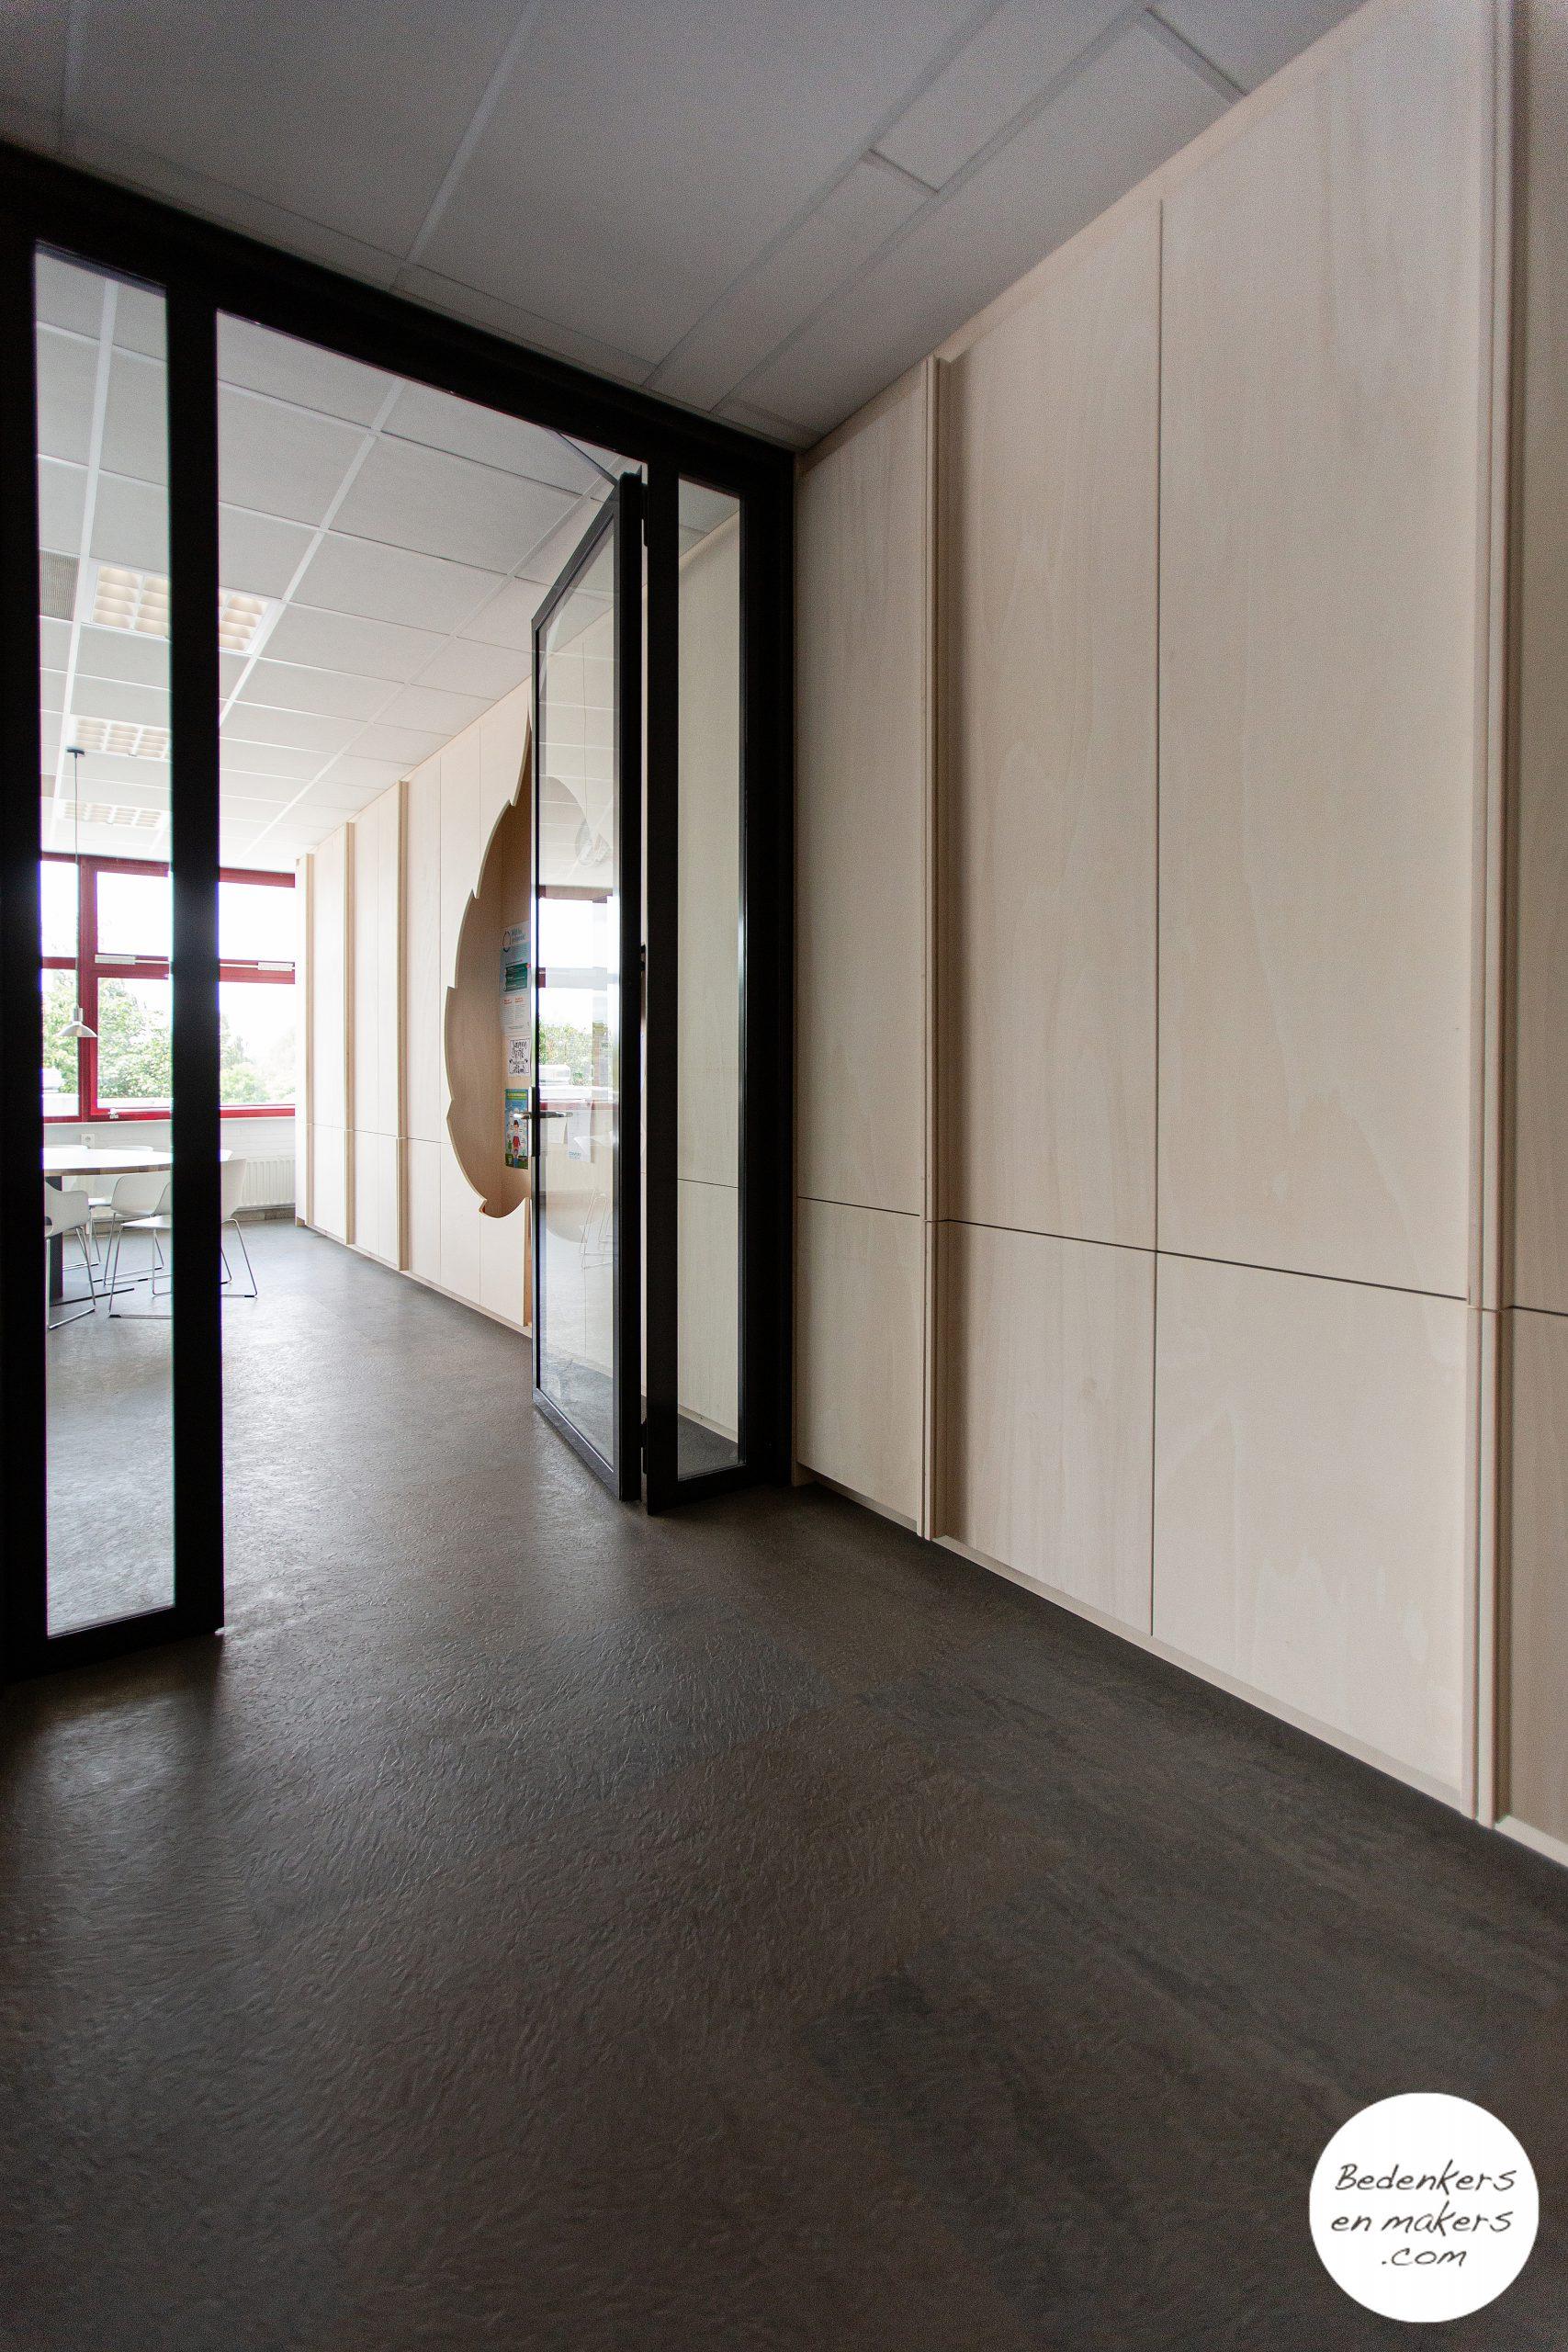 Een moderne, uitnodigende personeelskamer